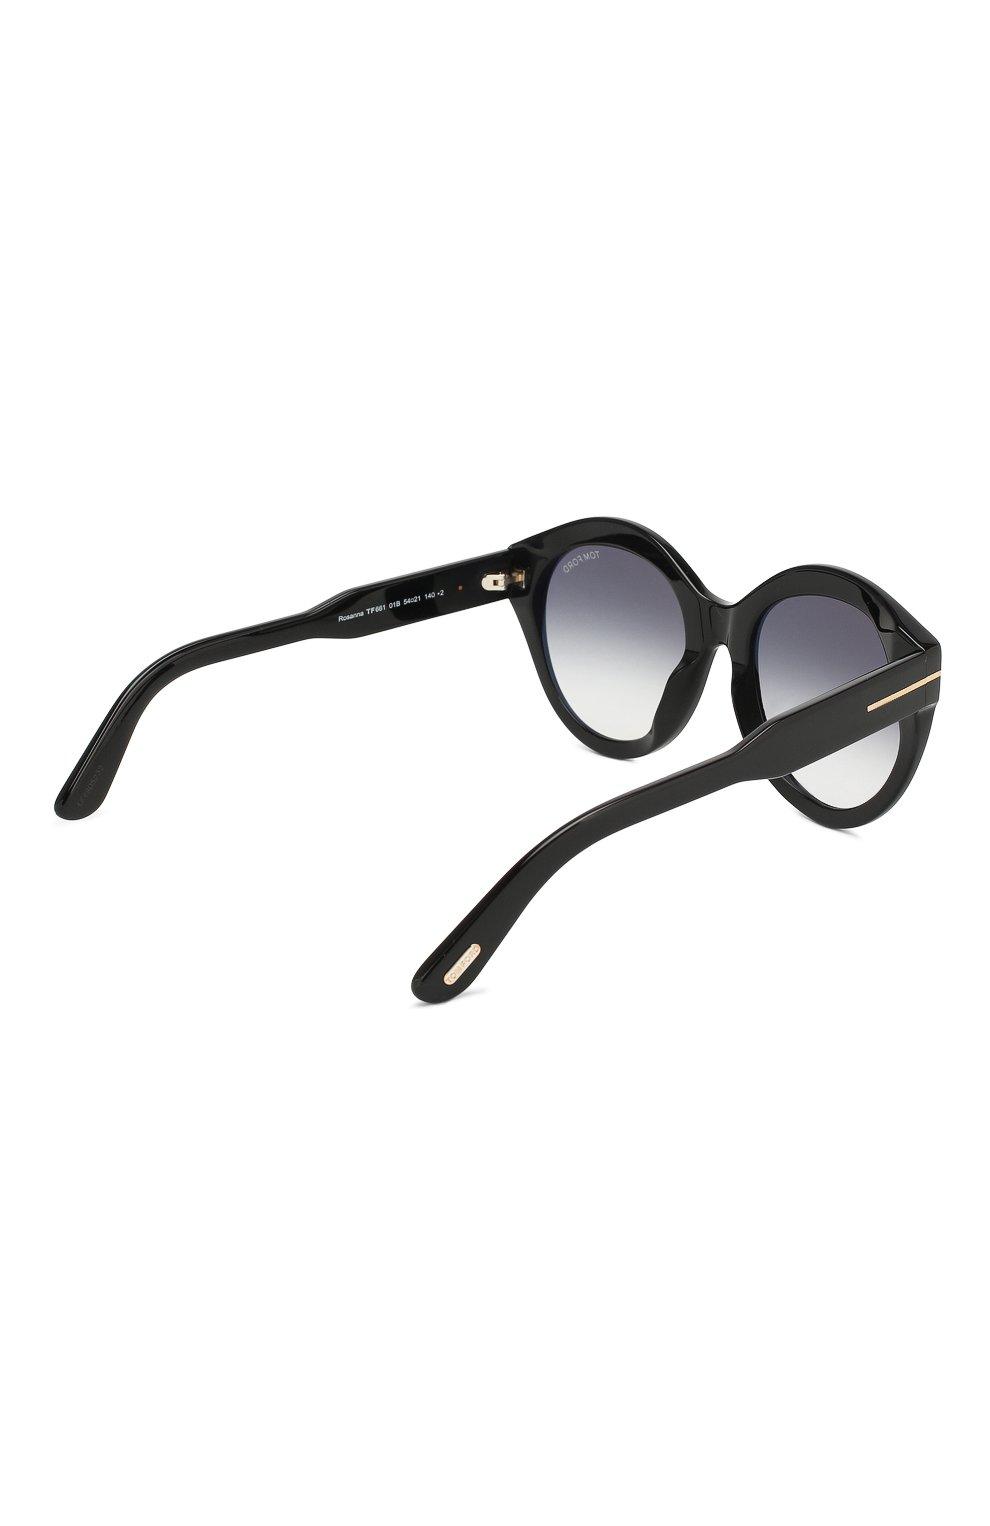 Женские солнцезащитные очки TOM FORD черного цвета, арт. TF661 01B | Фото 4